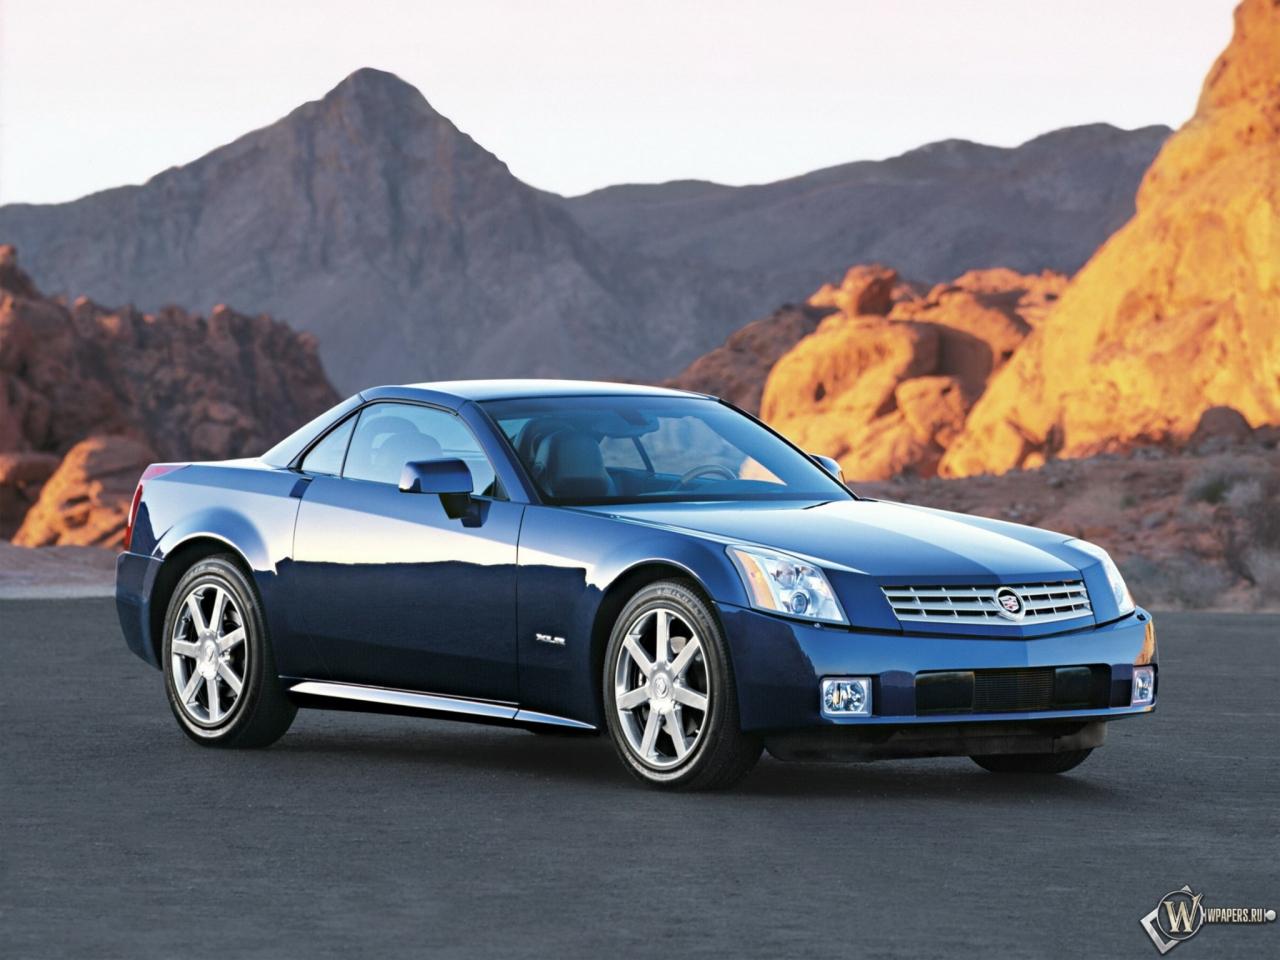 Cadillac XLR 1280x960